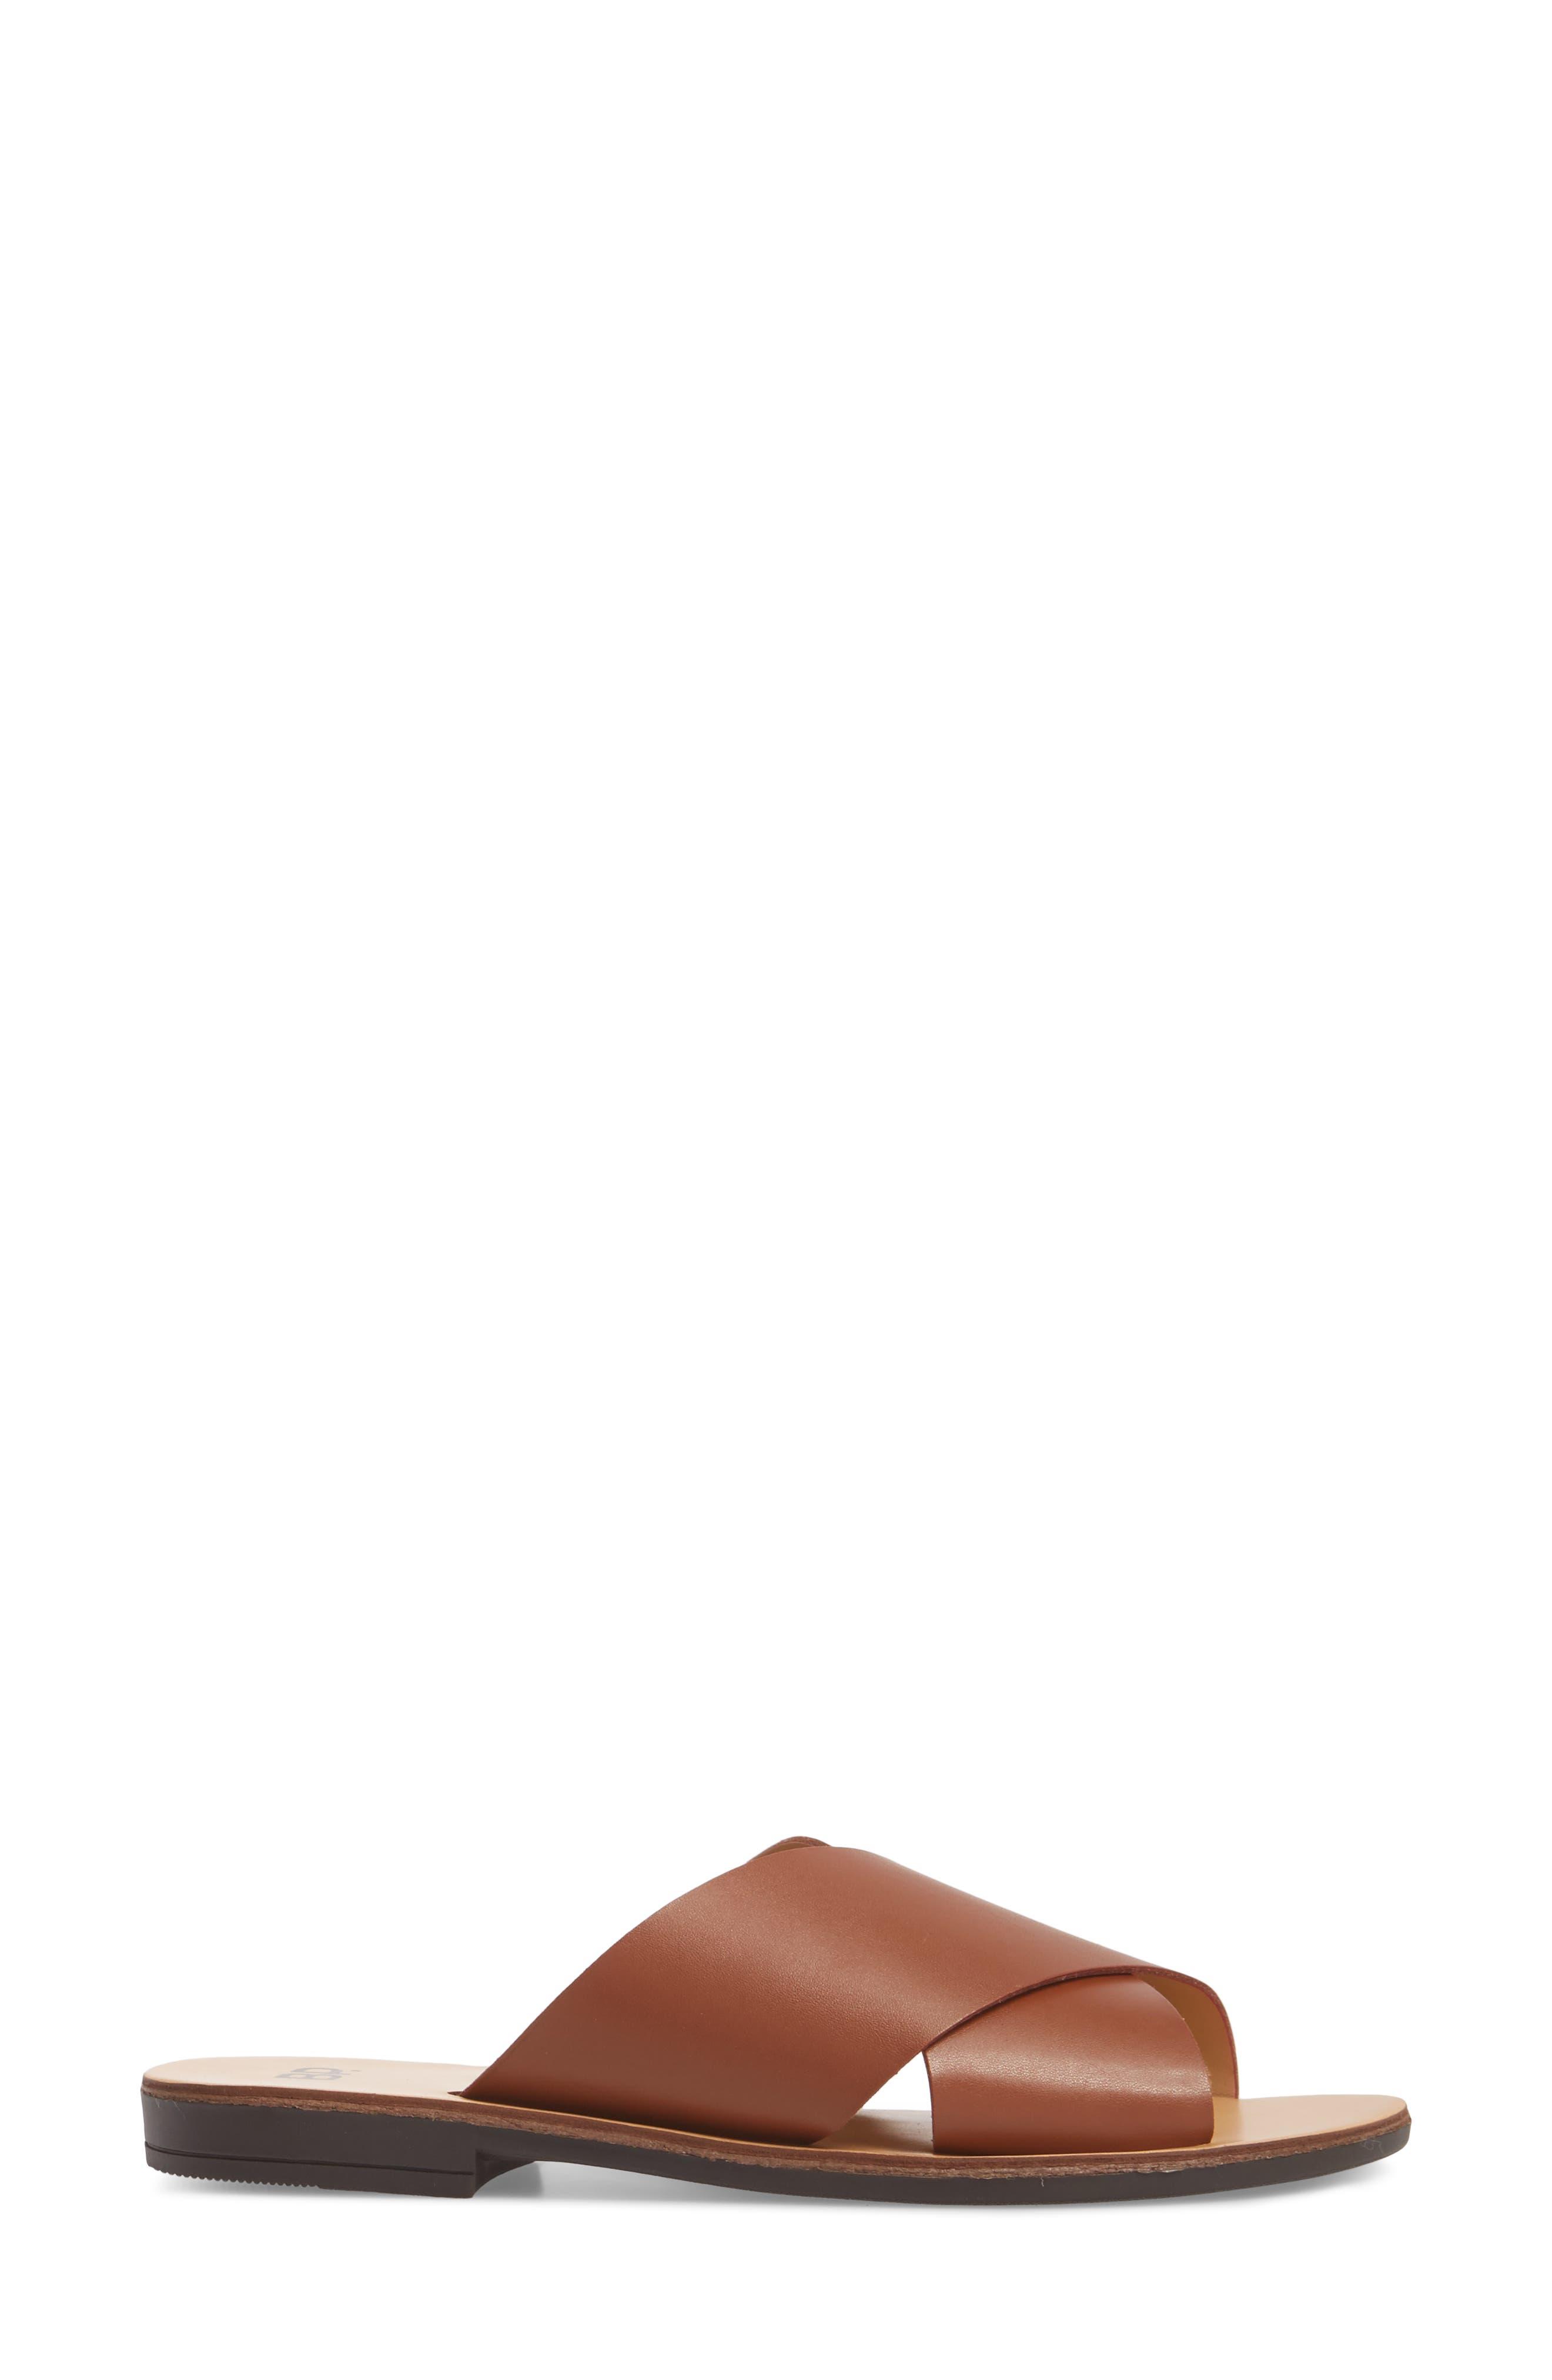 Twist Cross Strap Sandal,                             Alternate thumbnail 3, color,                             Cognac Faux Leather